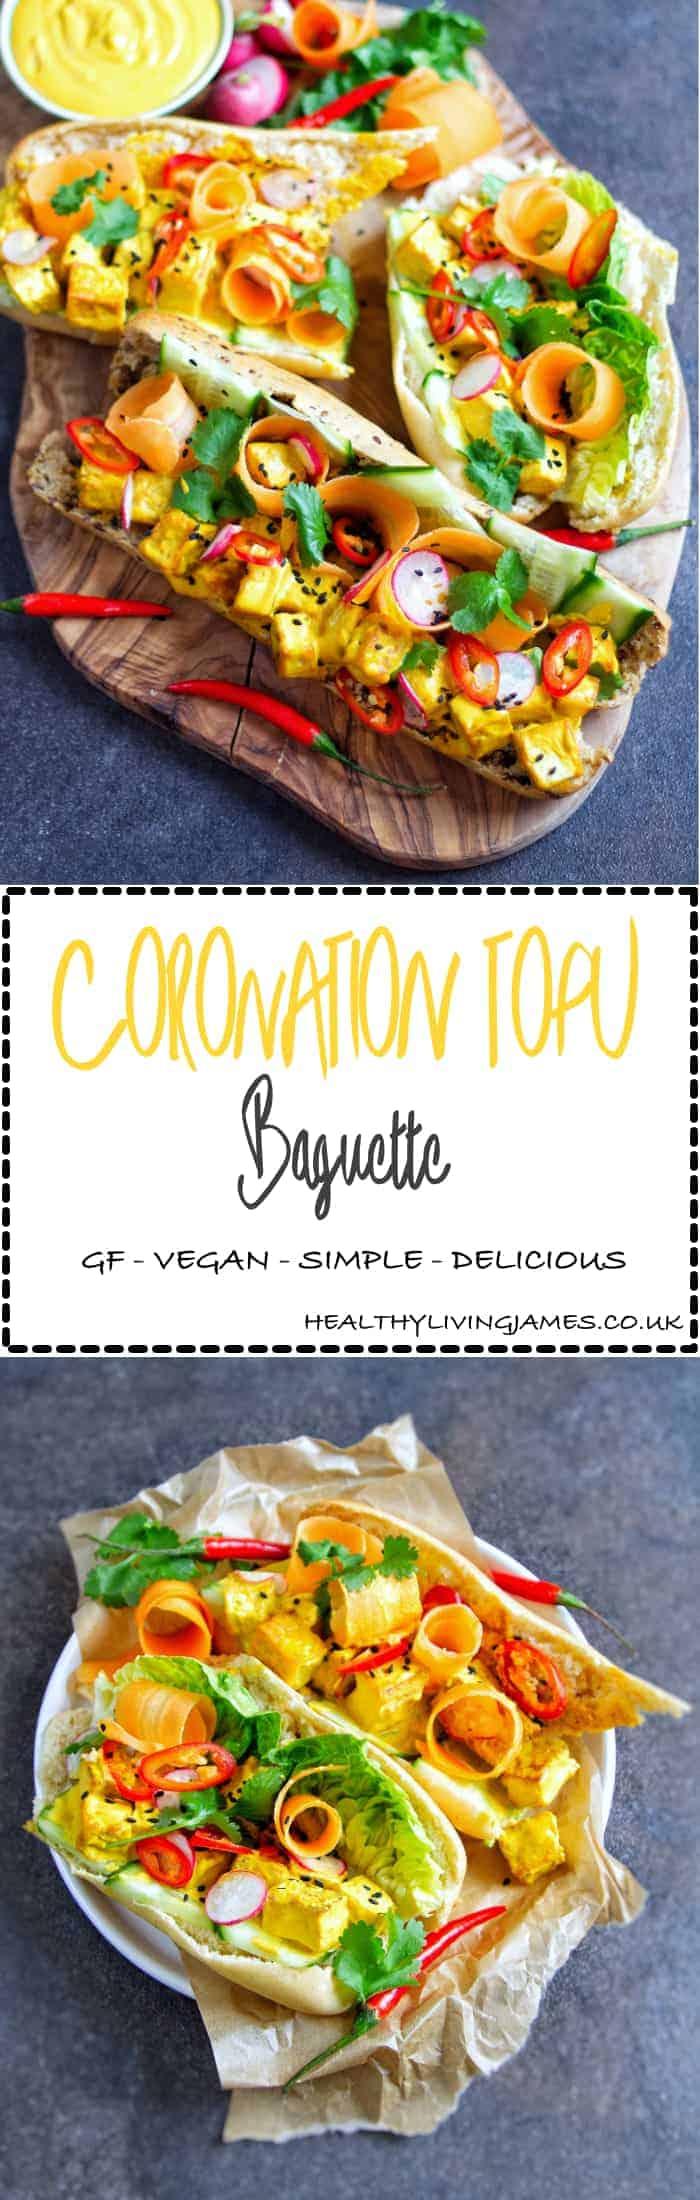 Coronation Tofu Baguette